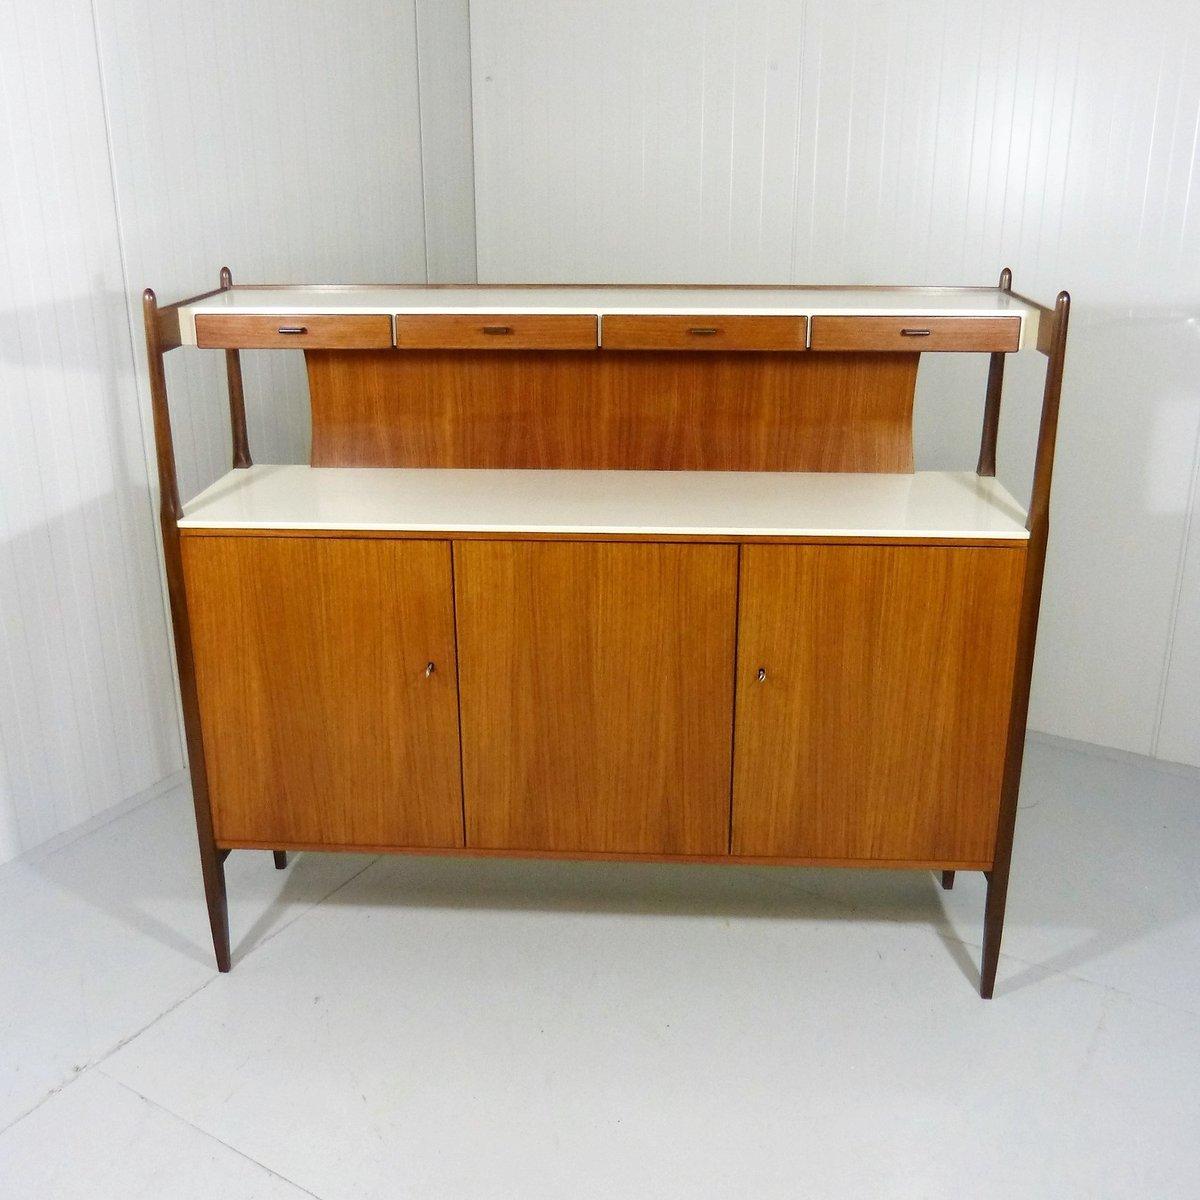 Buffet en Teck de Deutsche Werkstatten, 1960s en vente sur Pamono 40924954f3cd